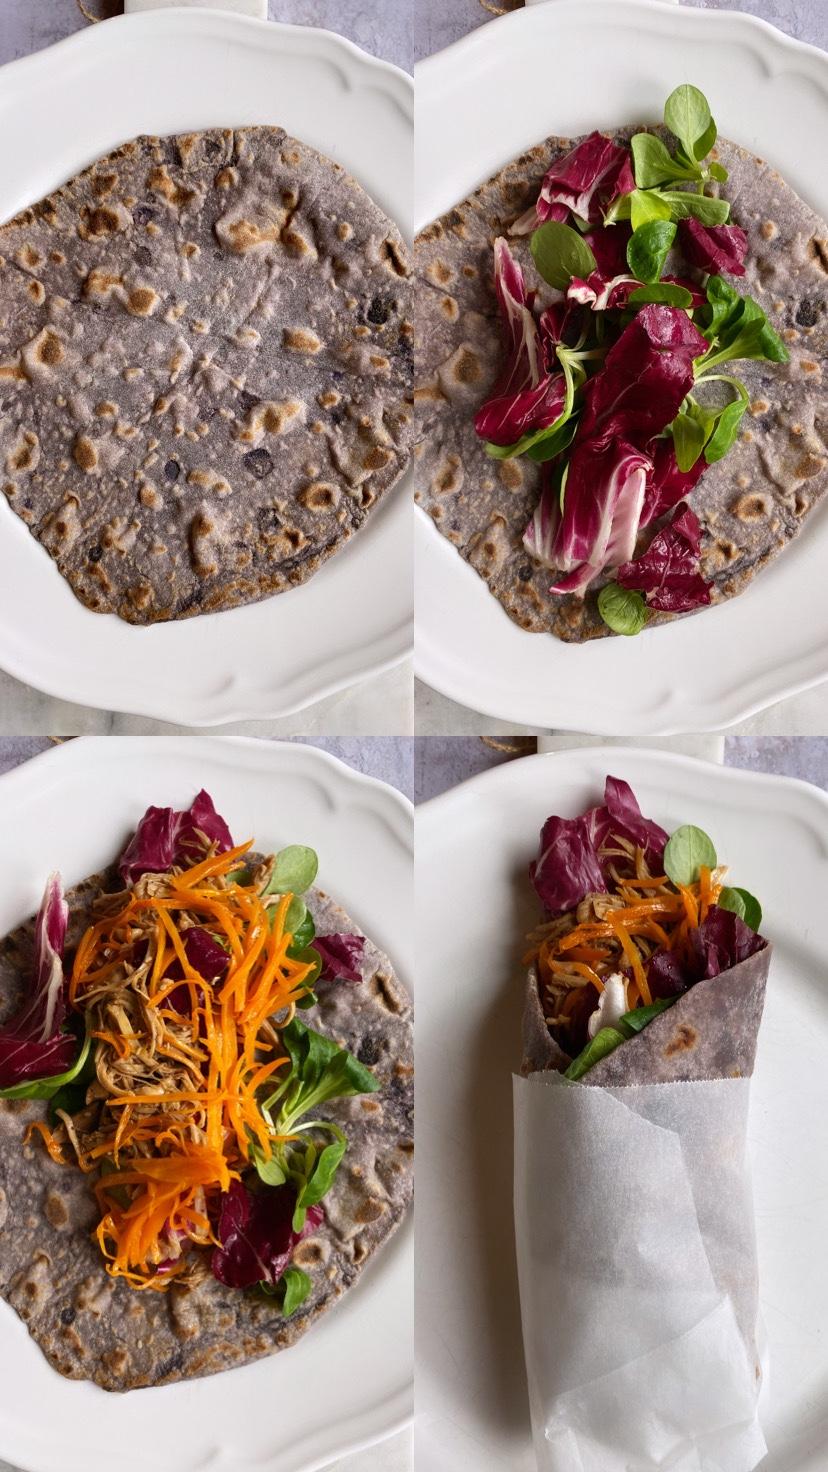 assemblaggio Adagiate al centro del pane azzimo l'insalata, il pollo, le carote saltate.